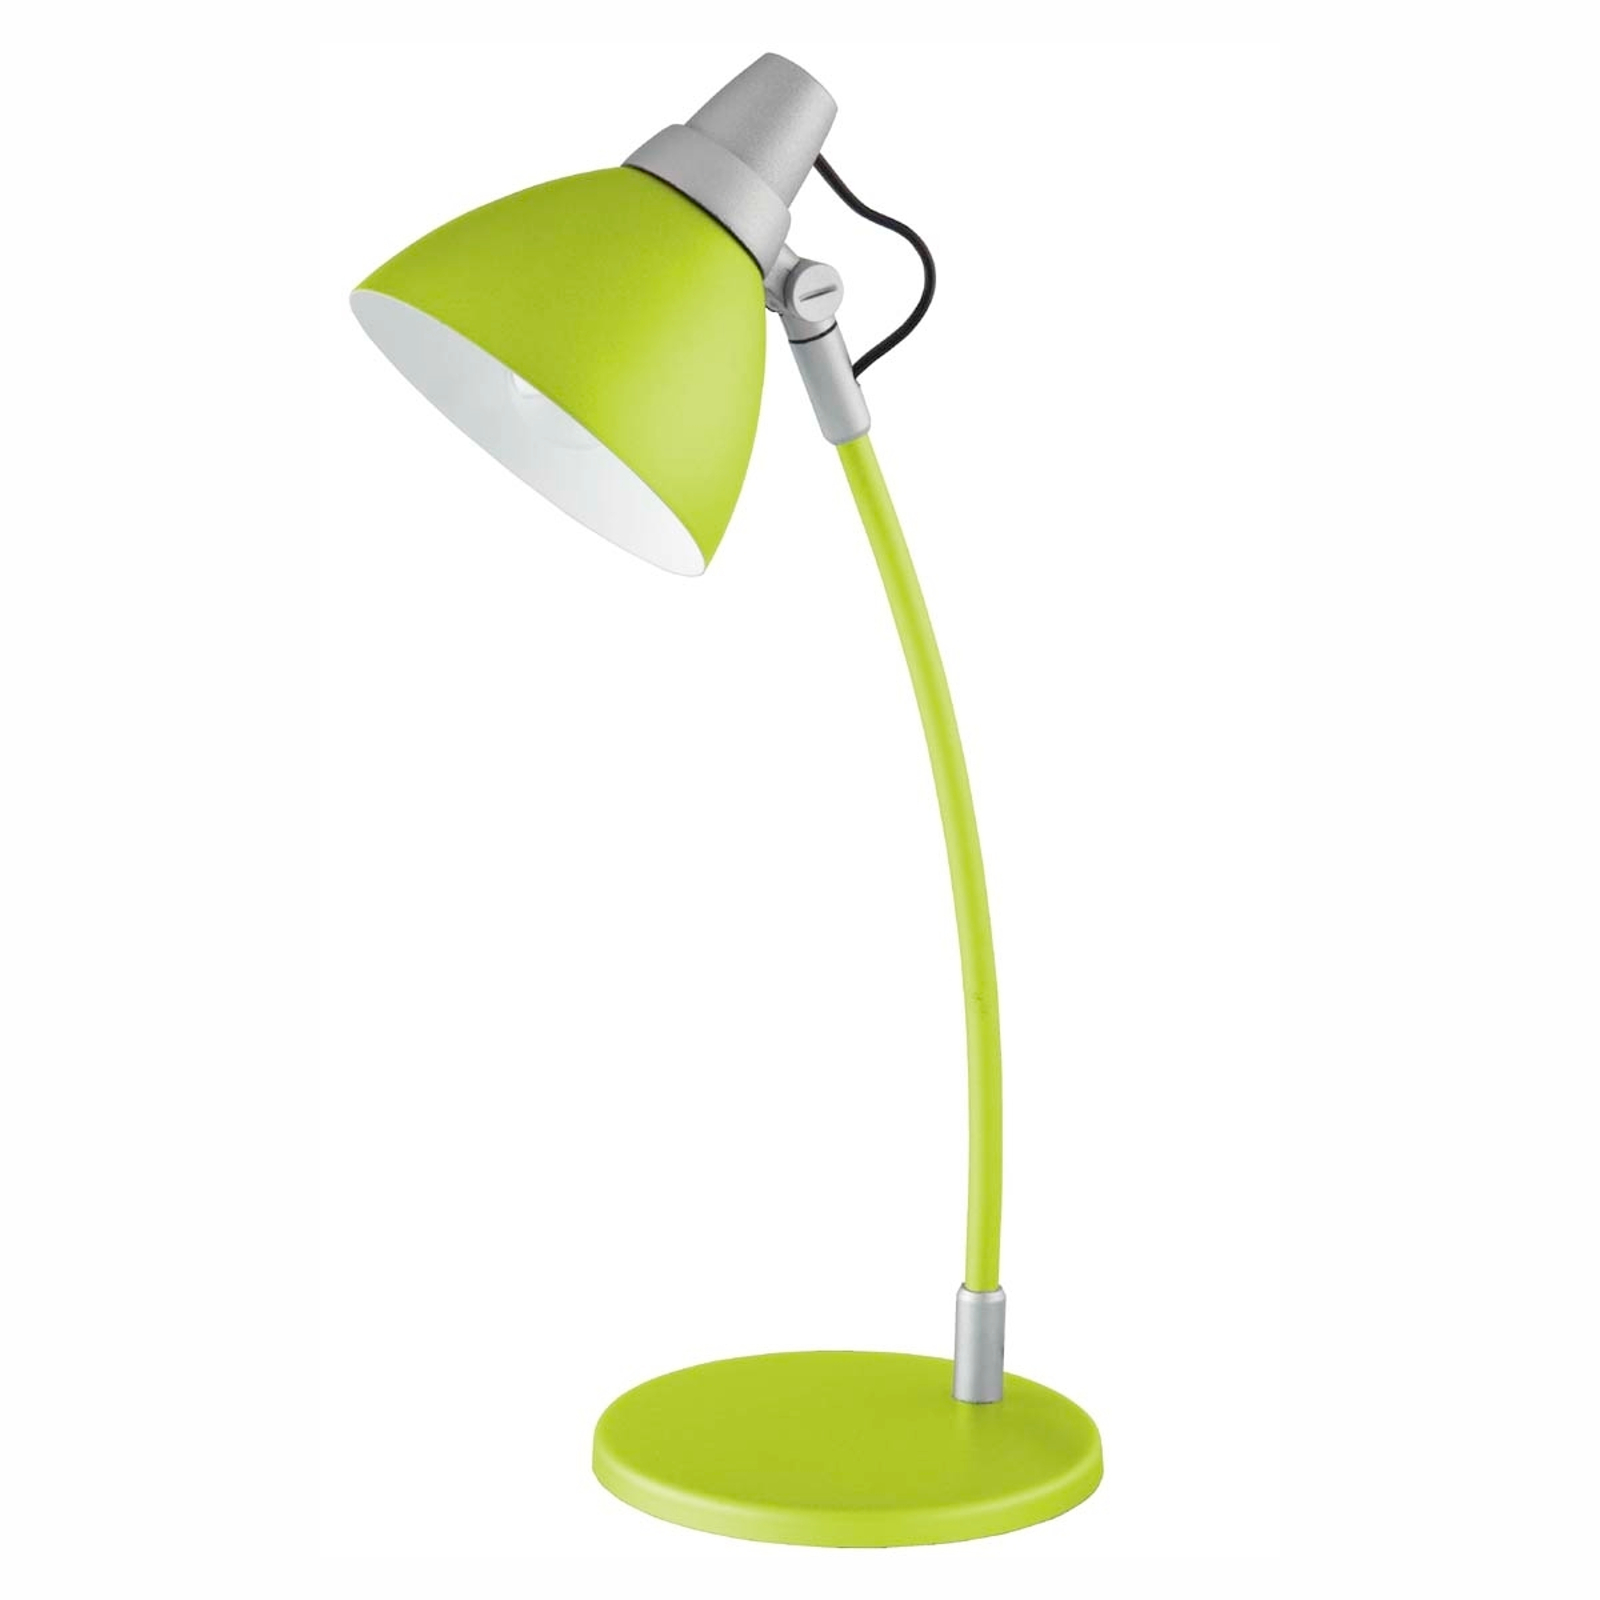 Barevná stolní lampa Onni zelená, se stojanem